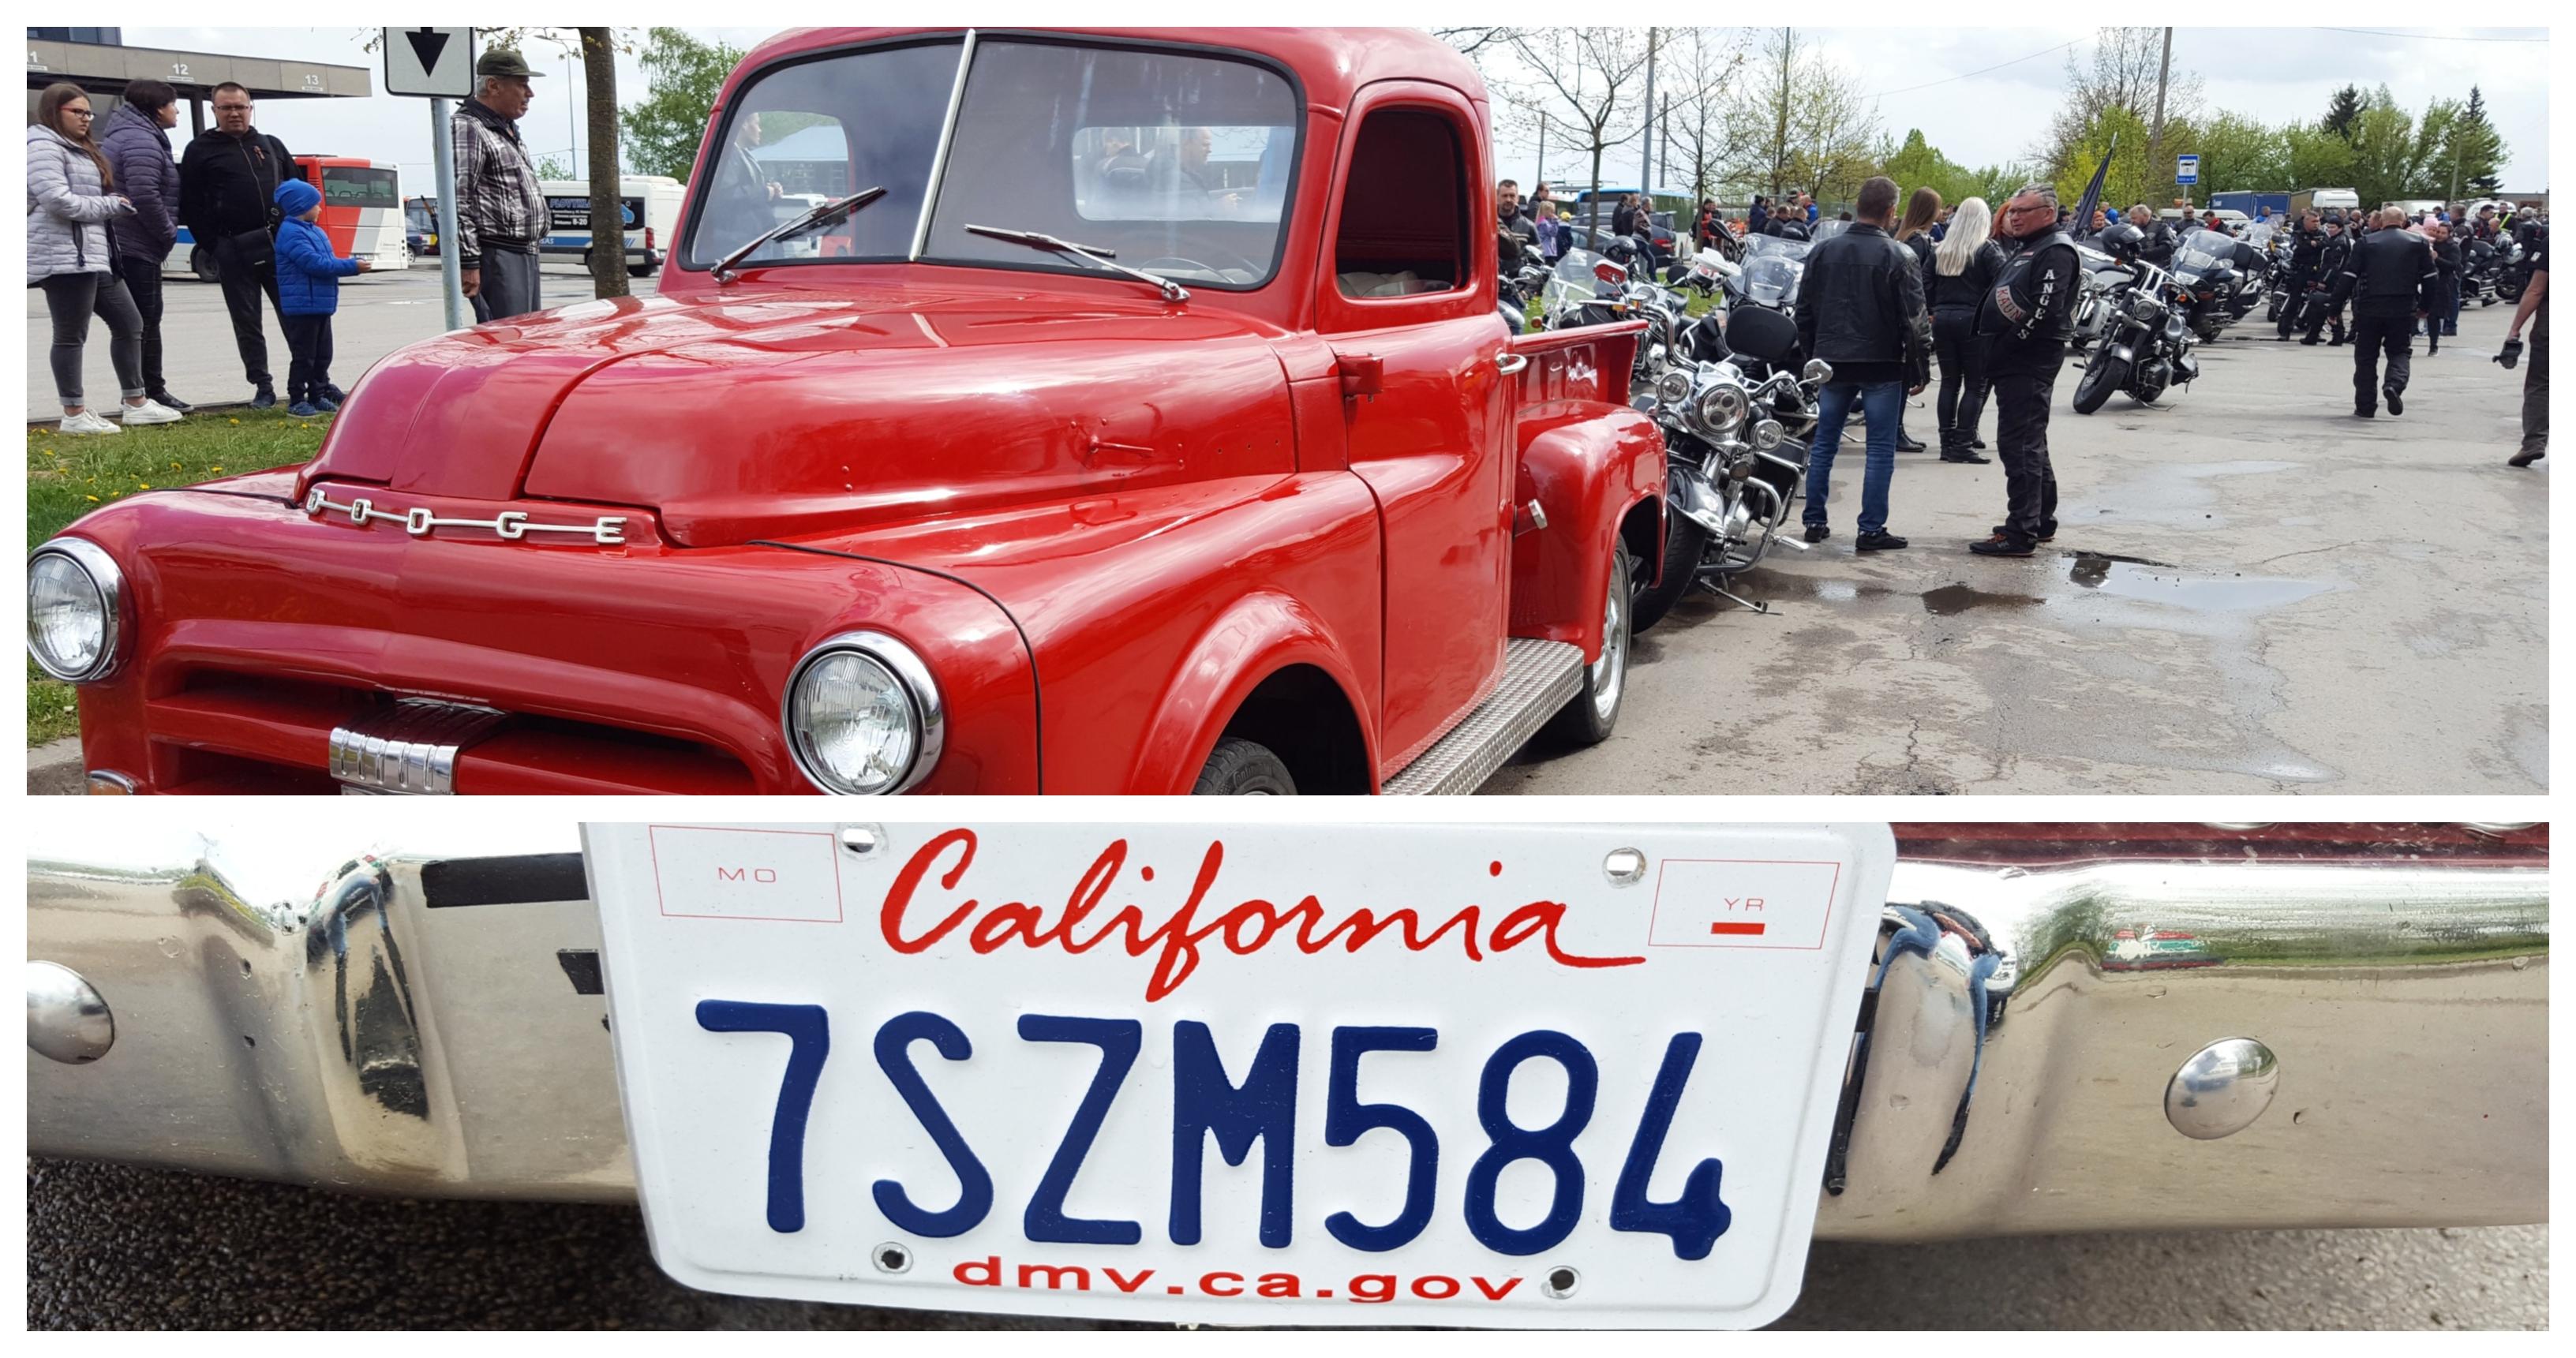 """Motociklininkų kolonos priekyje antrą kartą iš eilės riedėjo 1953 m. gamybos """"Dodge"""" markės sunkvežimis su plevėsuojančia Kėdainių rajono savivaldybės vėliava. J. Šveikytės nuotr."""